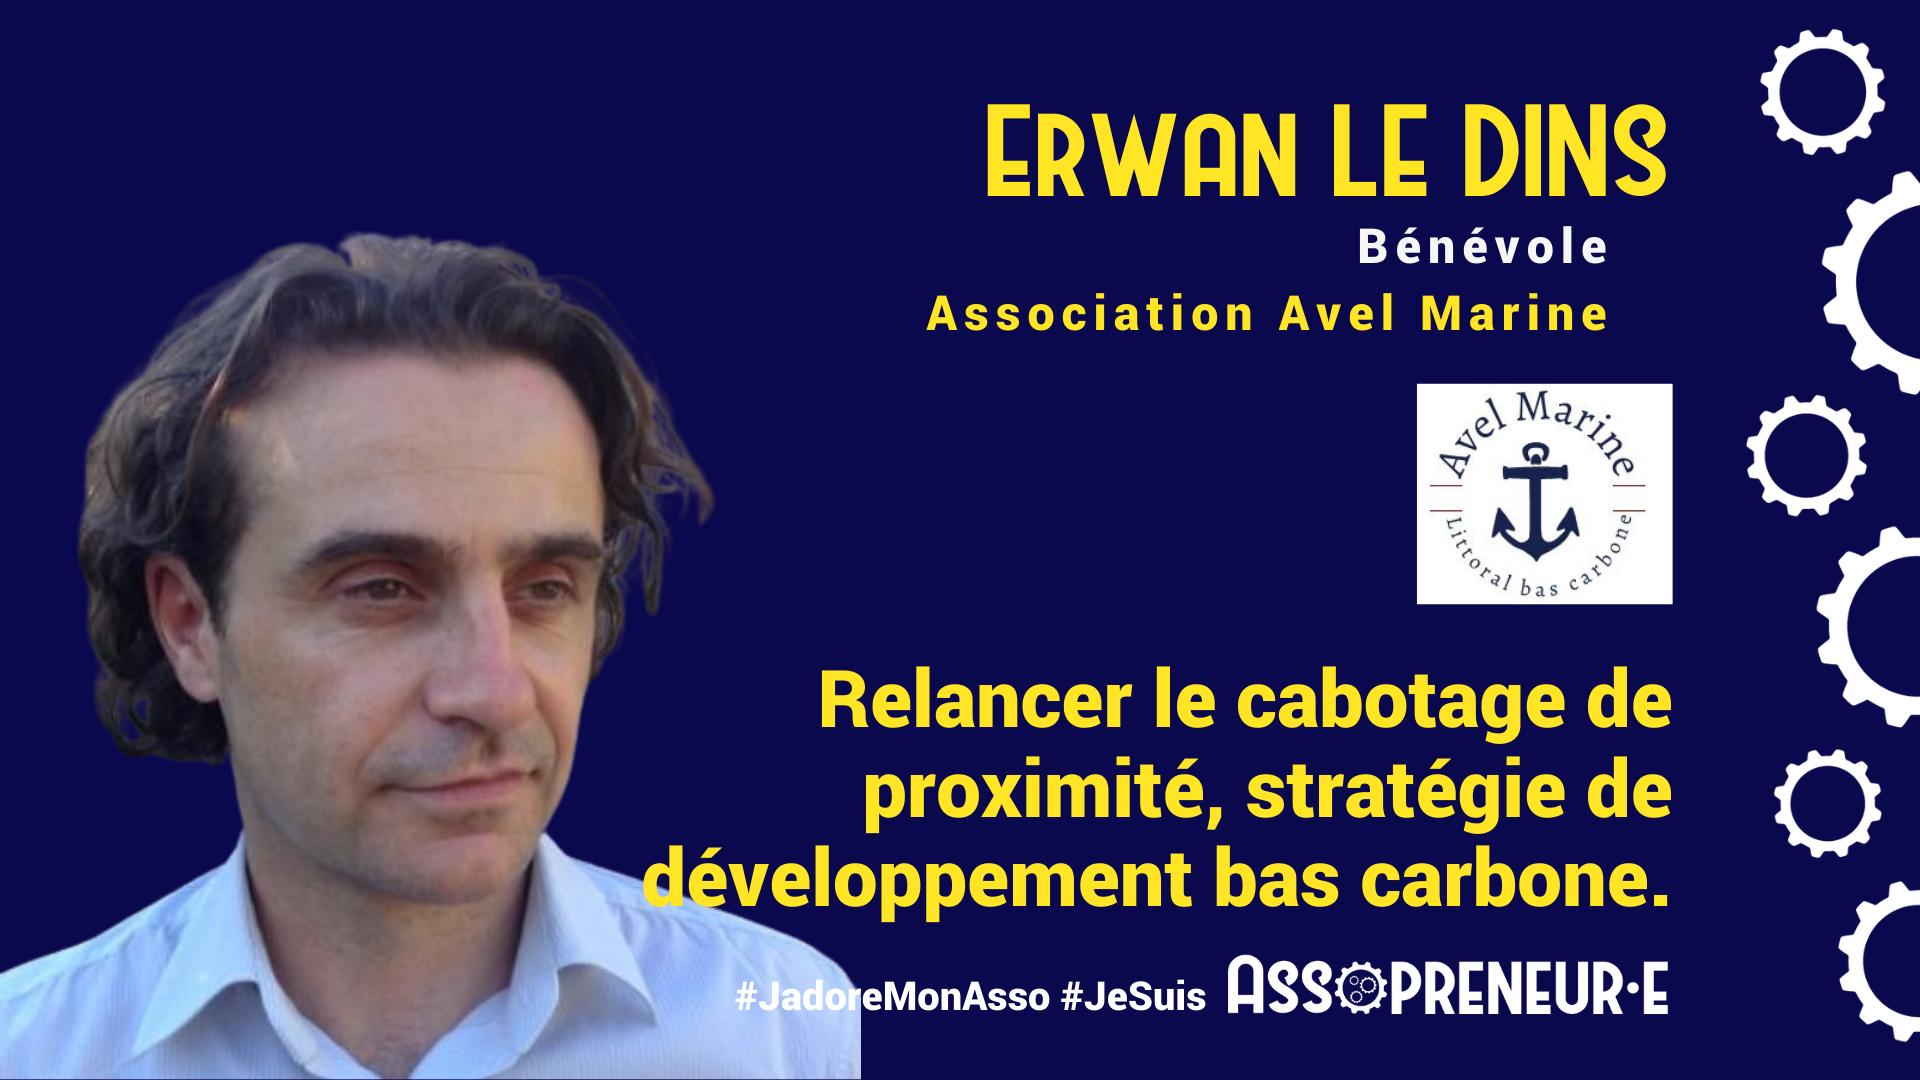 Erwan Le Dins membre programme Assopreneur